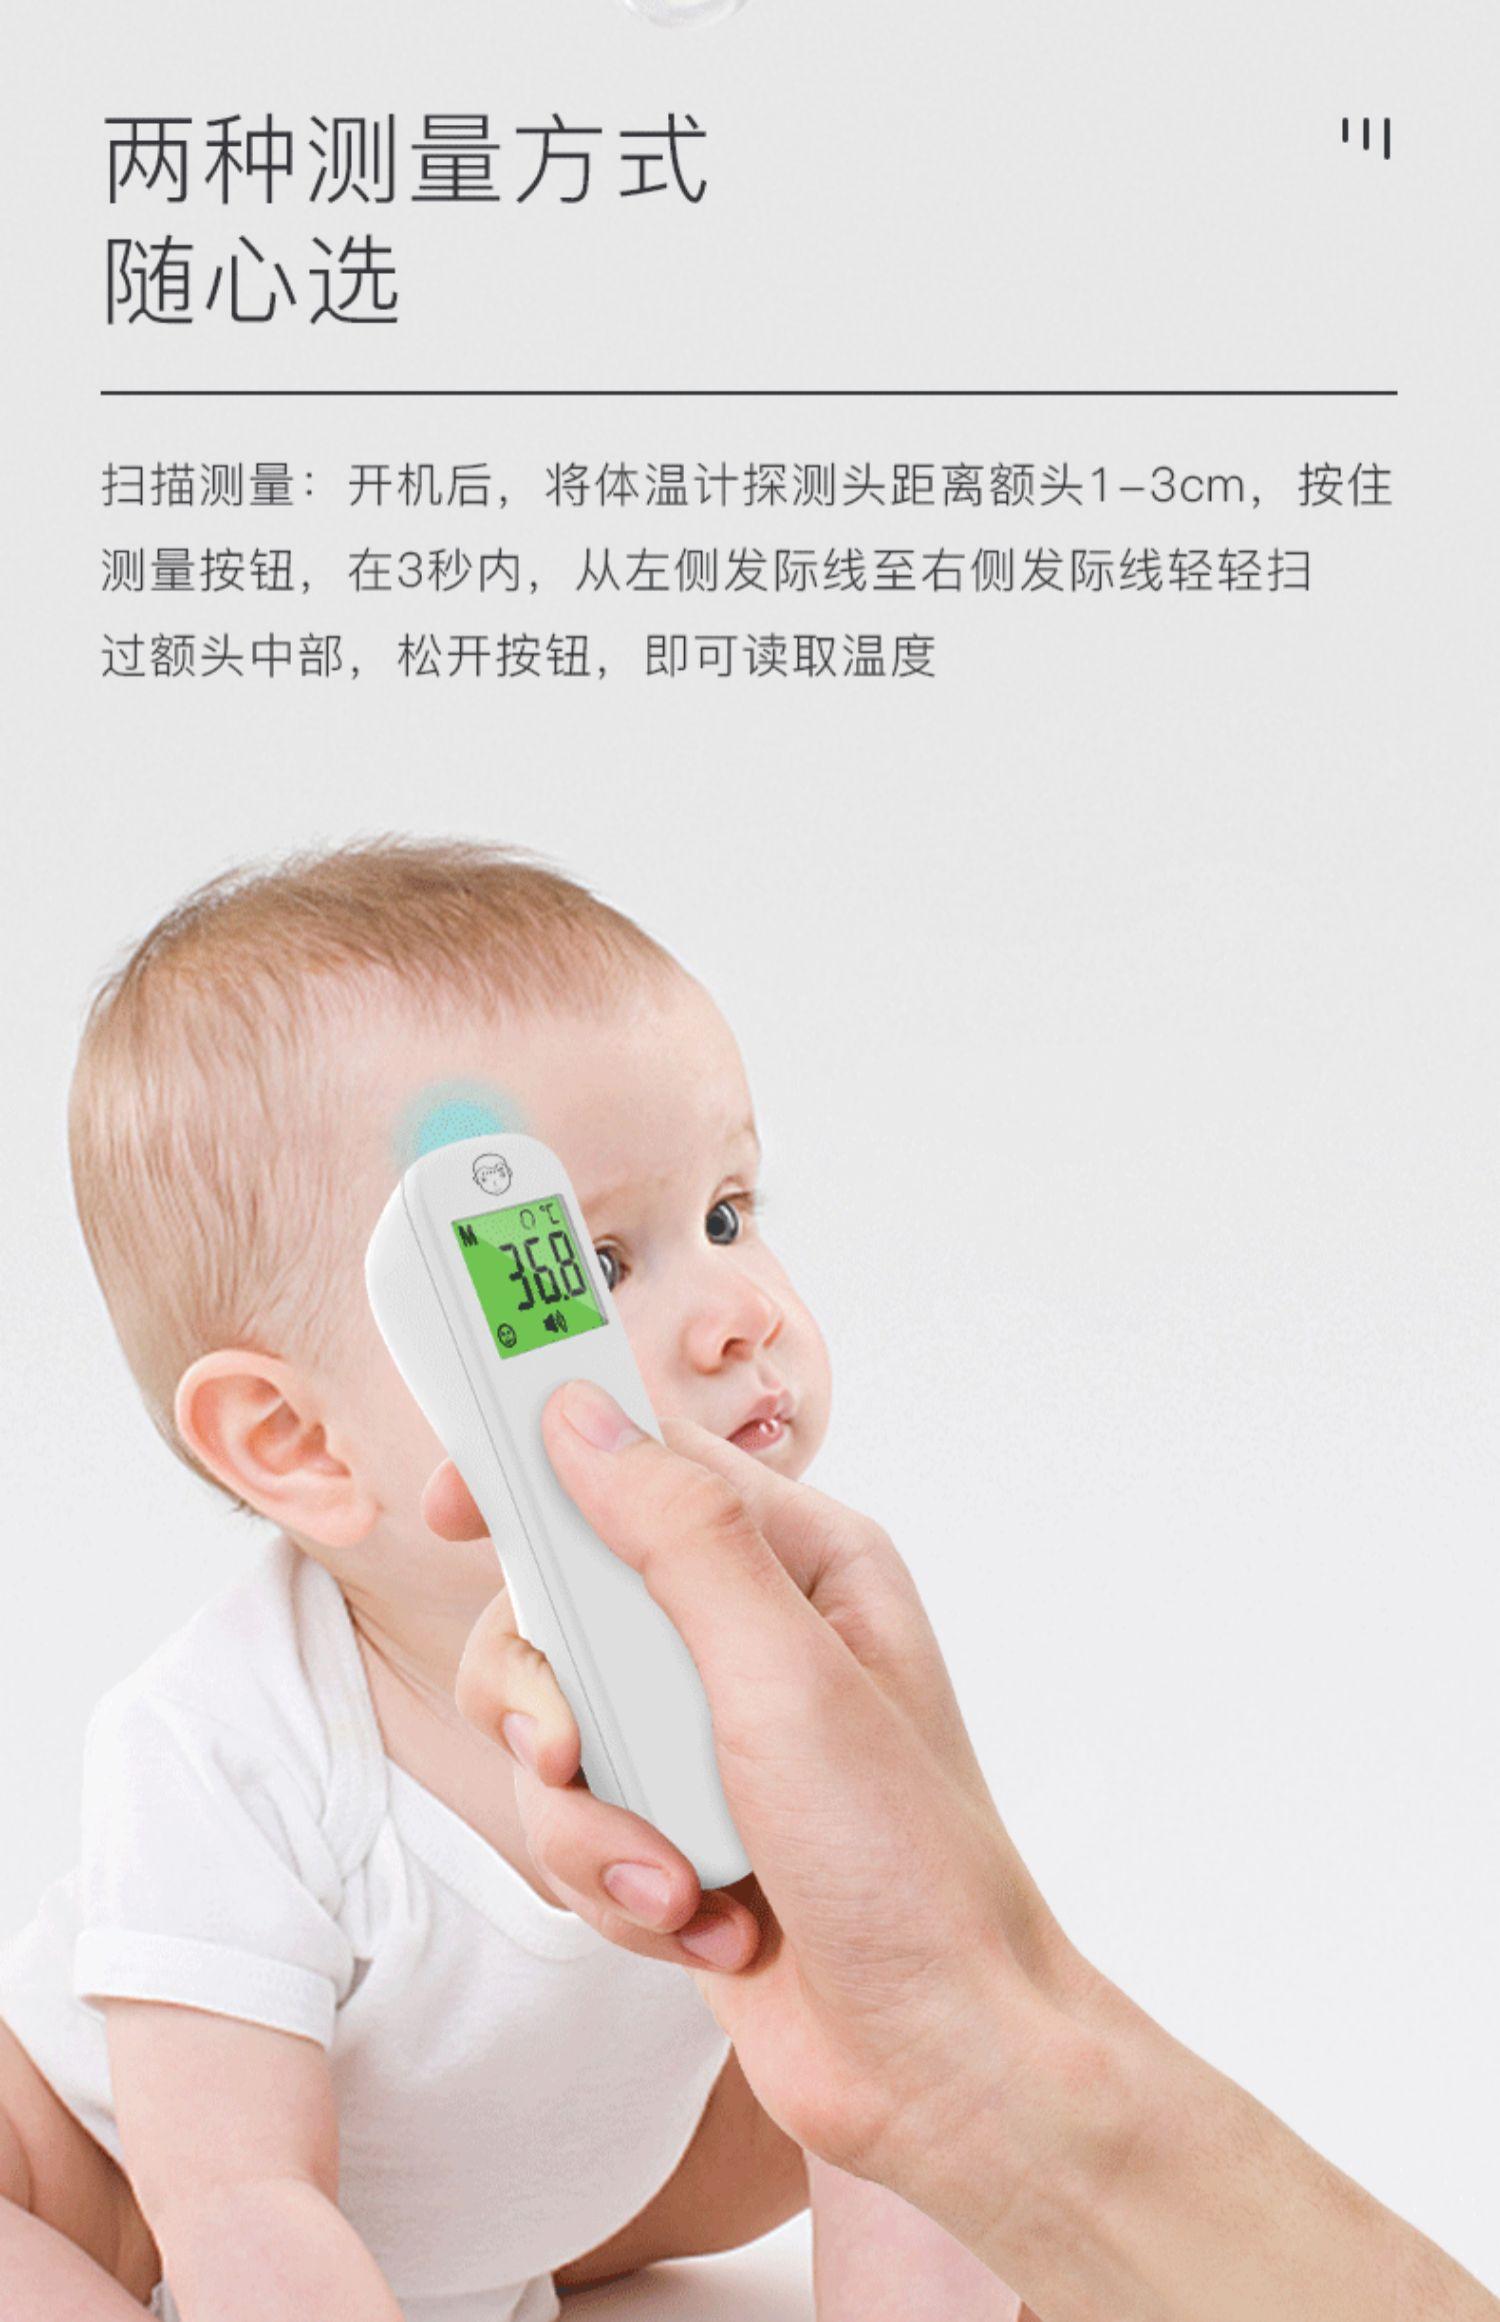 【振海康】体温计家用儿童额温枪